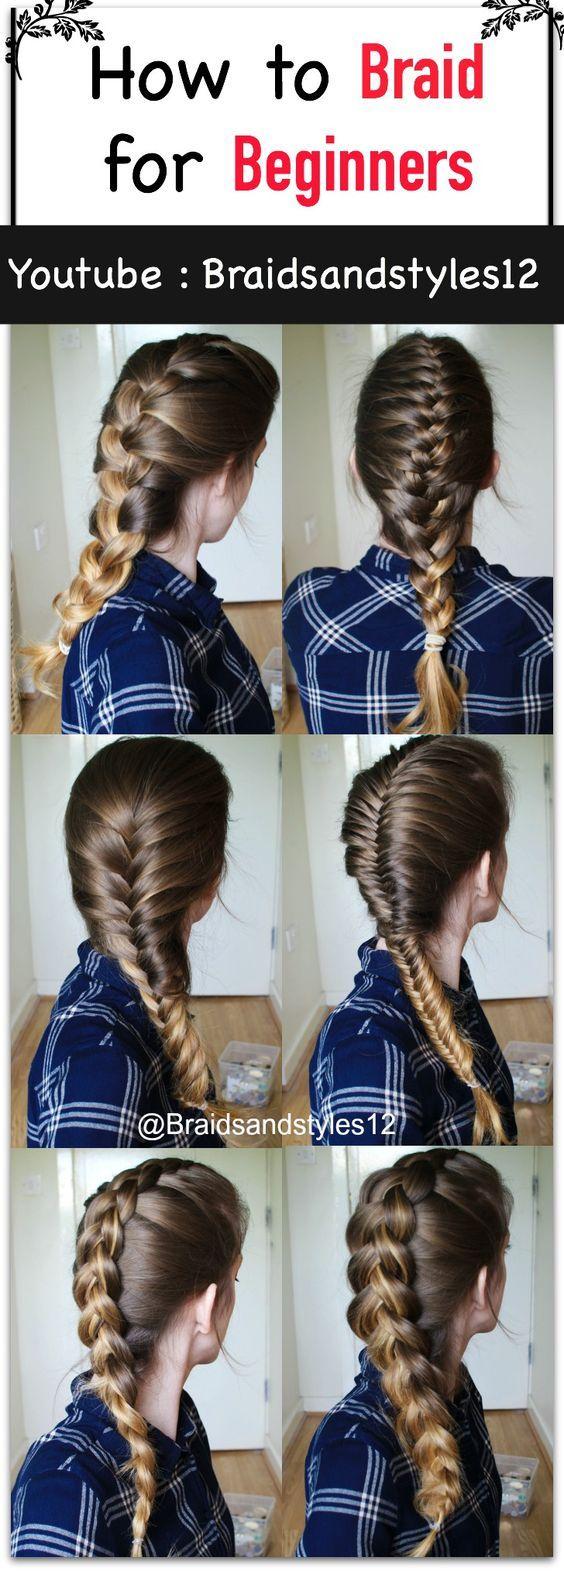 Diy pinterest hairstyles debunked!